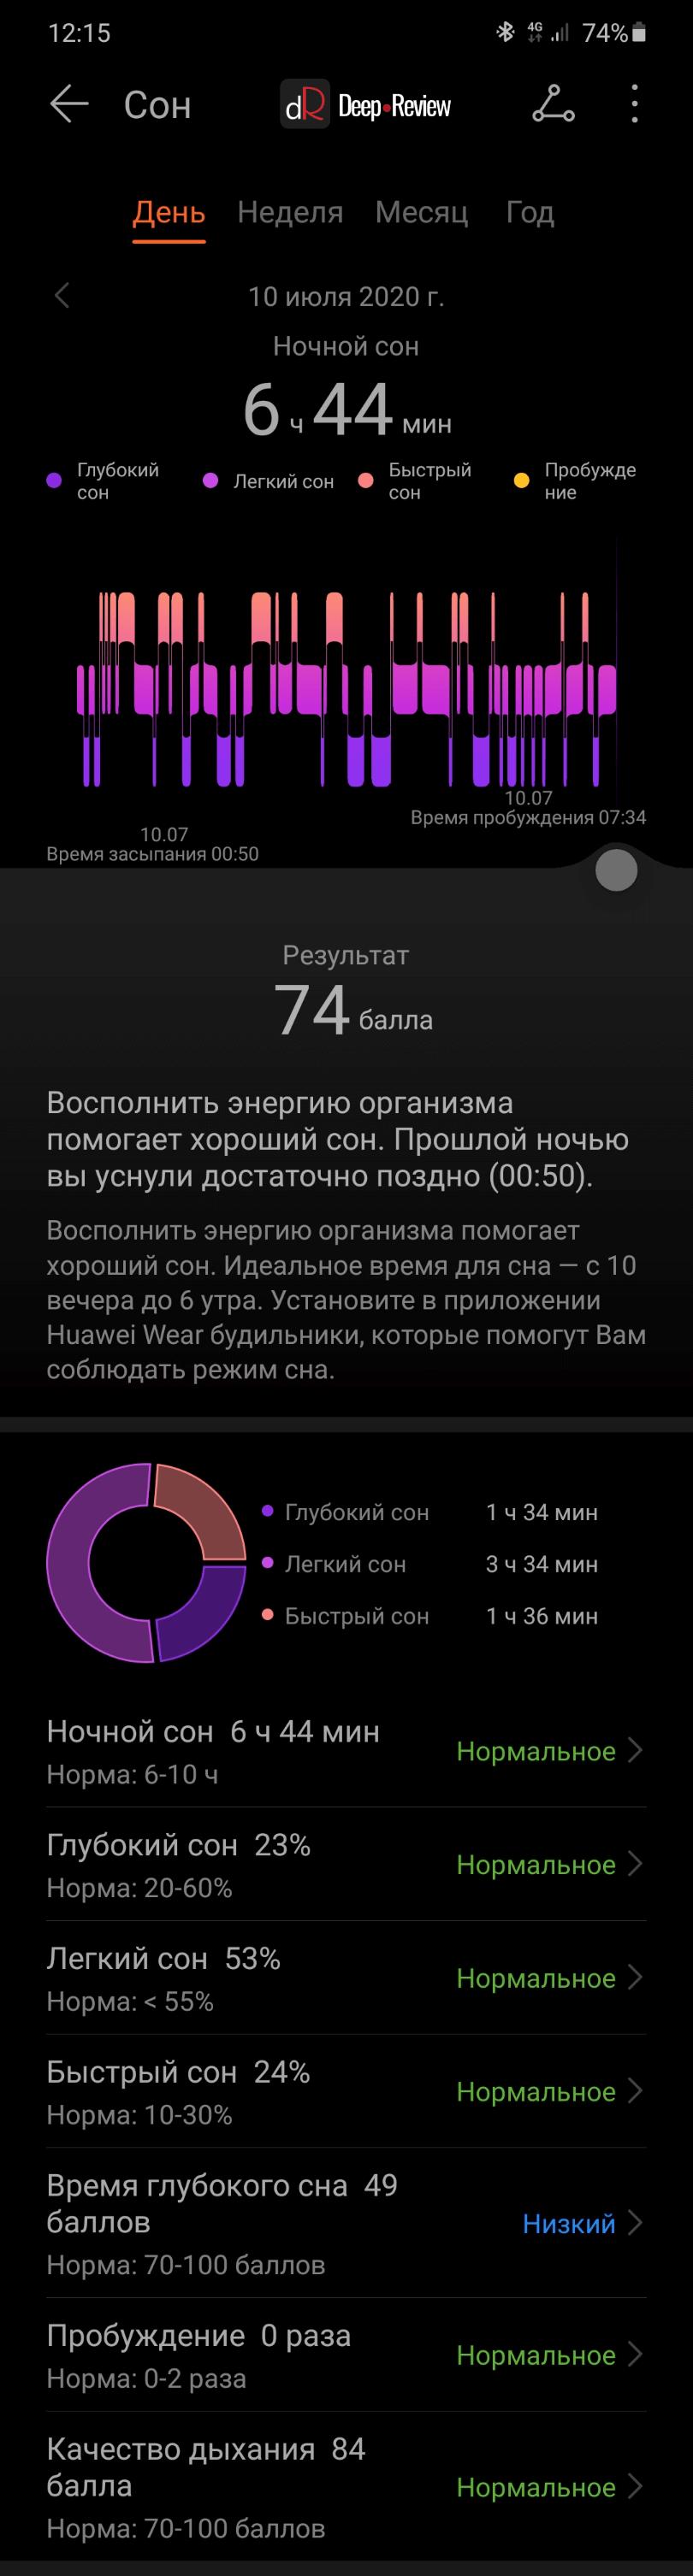 подробный анализ сна на Huawei Watch GT 2e